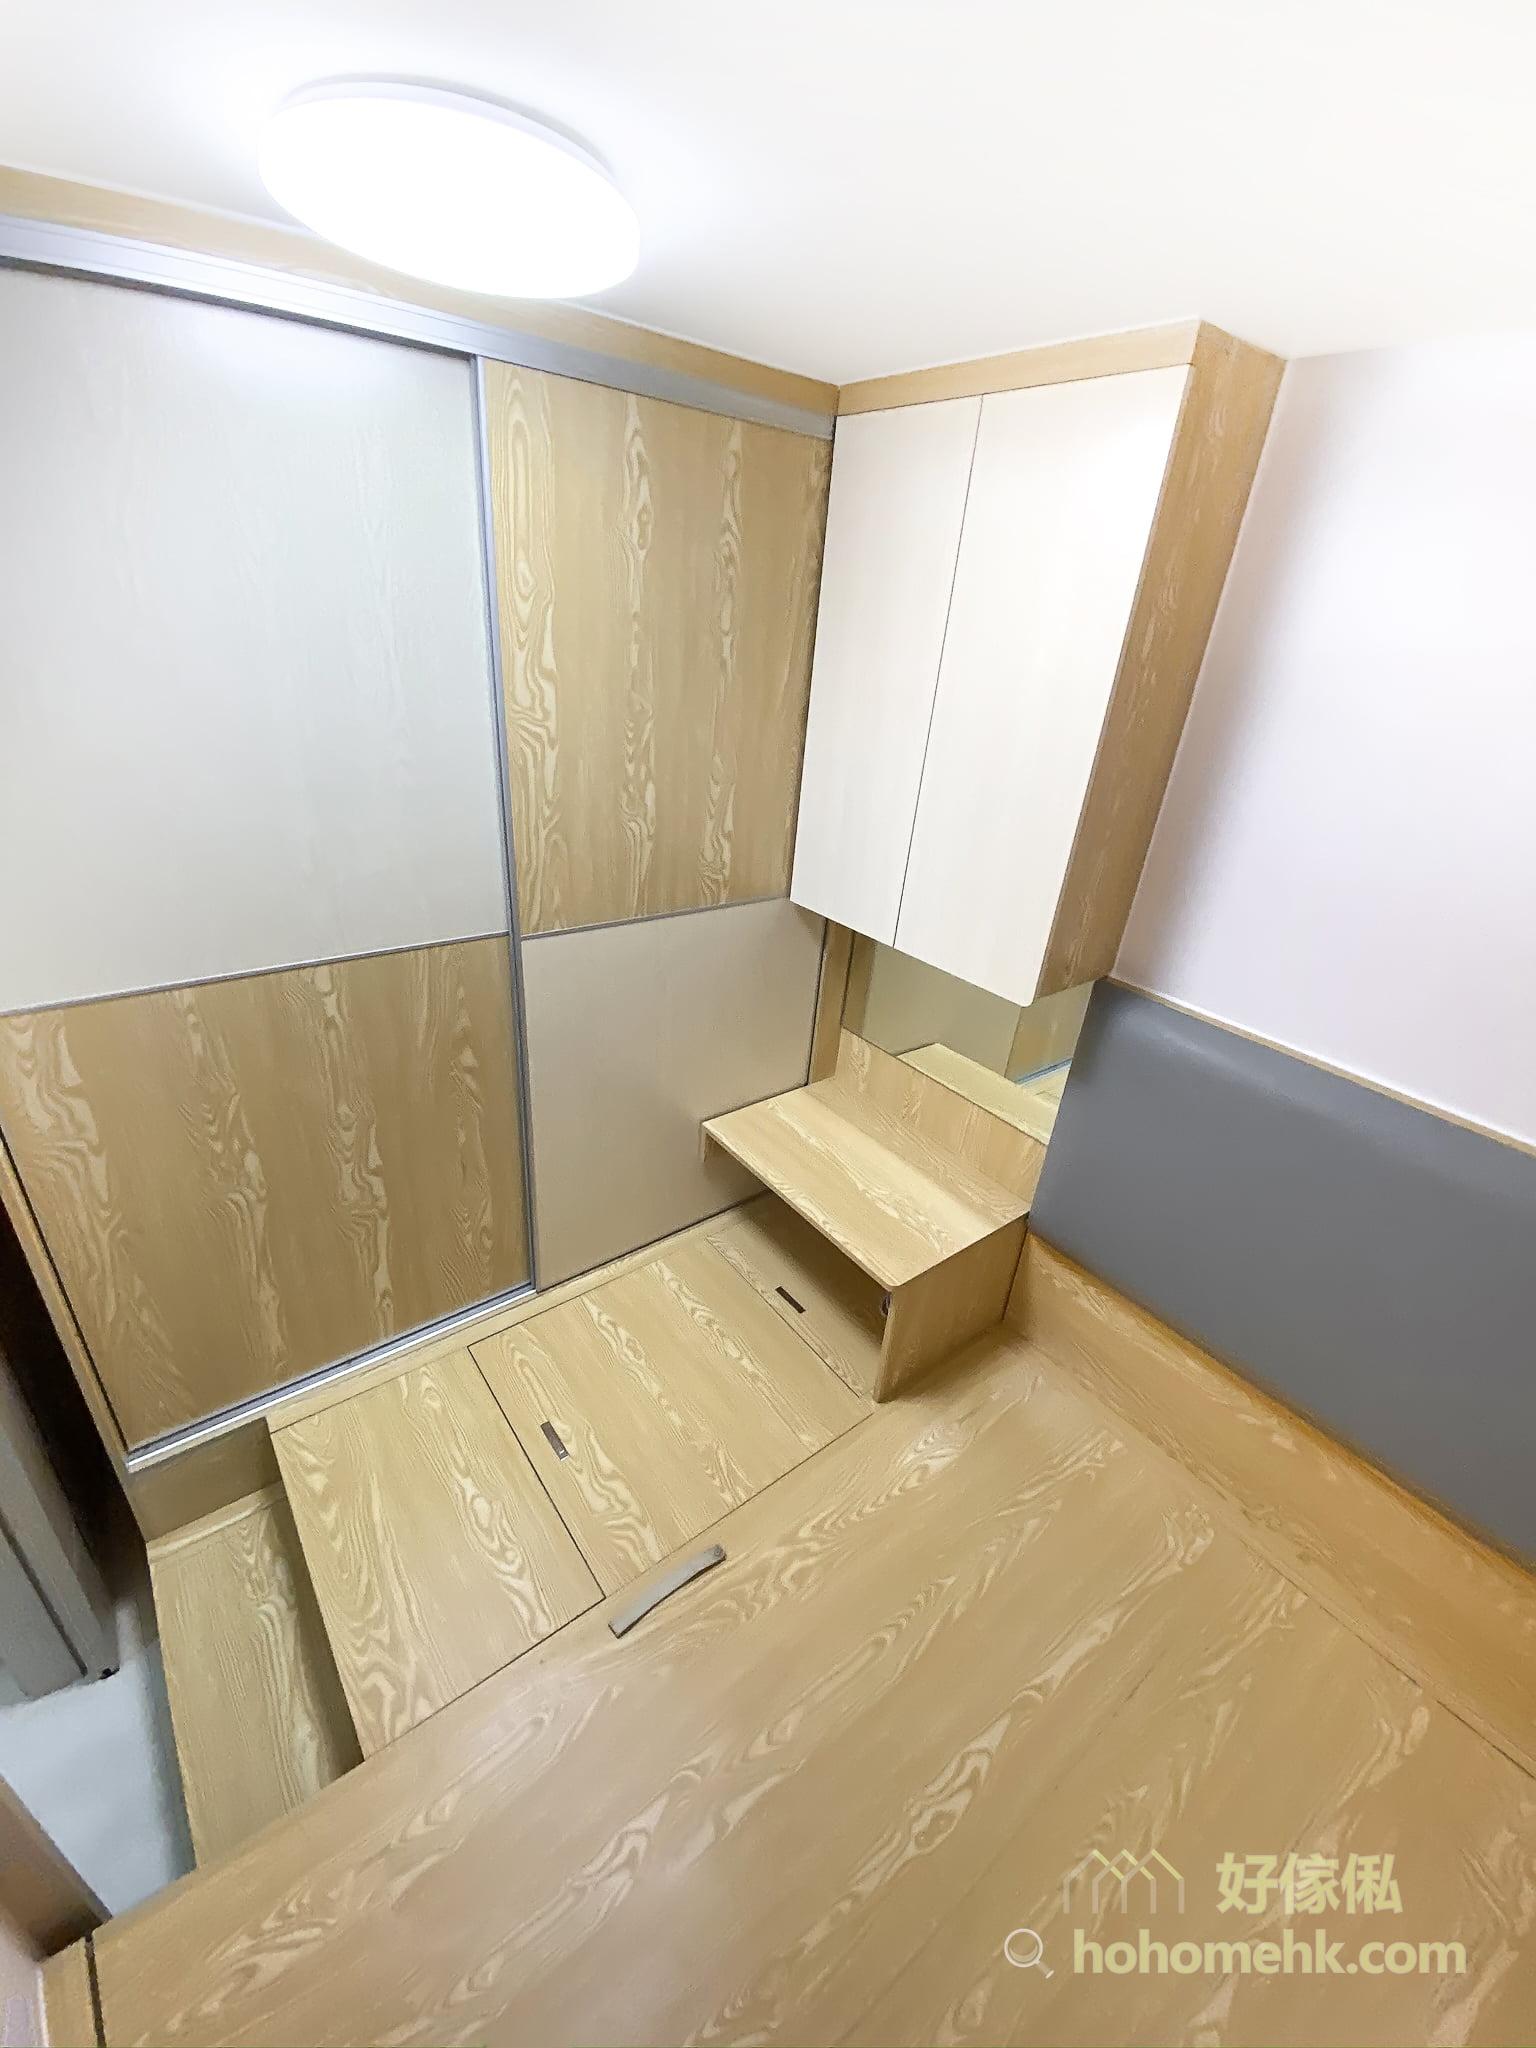 睡房地台床連梳妝枱及衣櫃, 梳妝枱可兼任床頭櫃功能